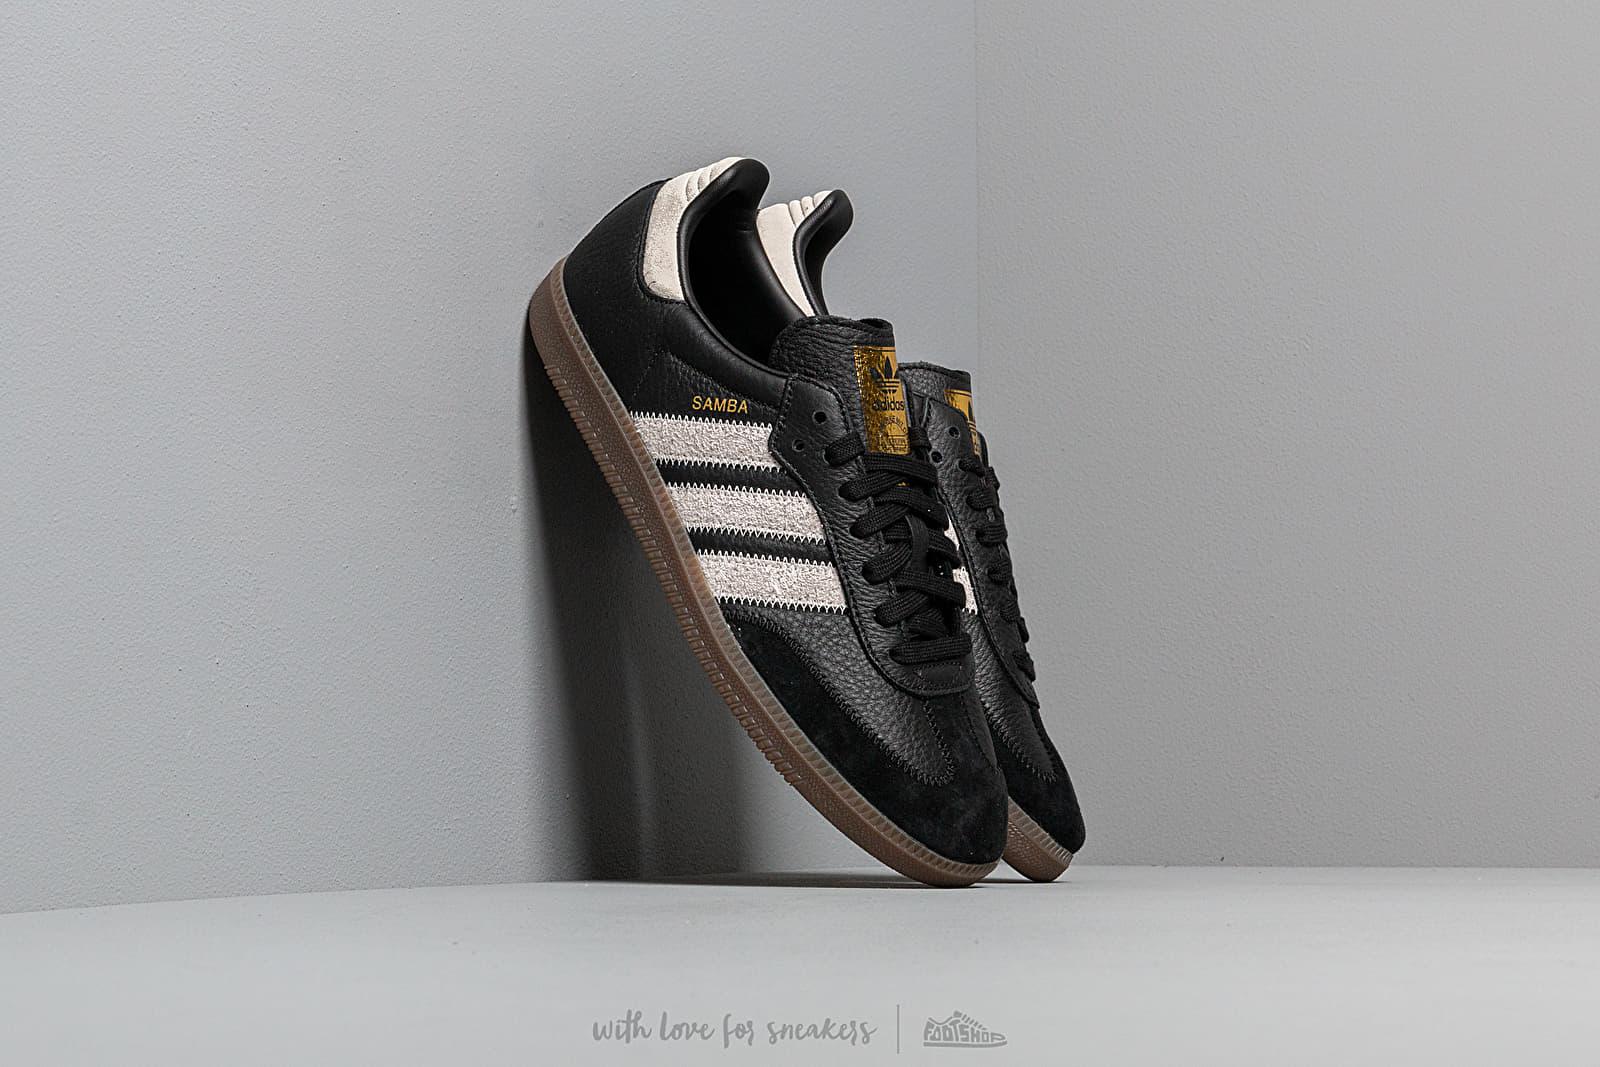 adidas Samba OG Ft Core Black/ Raw White/ Gold Metalic nagyszerű árakon 31 362 Ft vásárolj a Footshopban